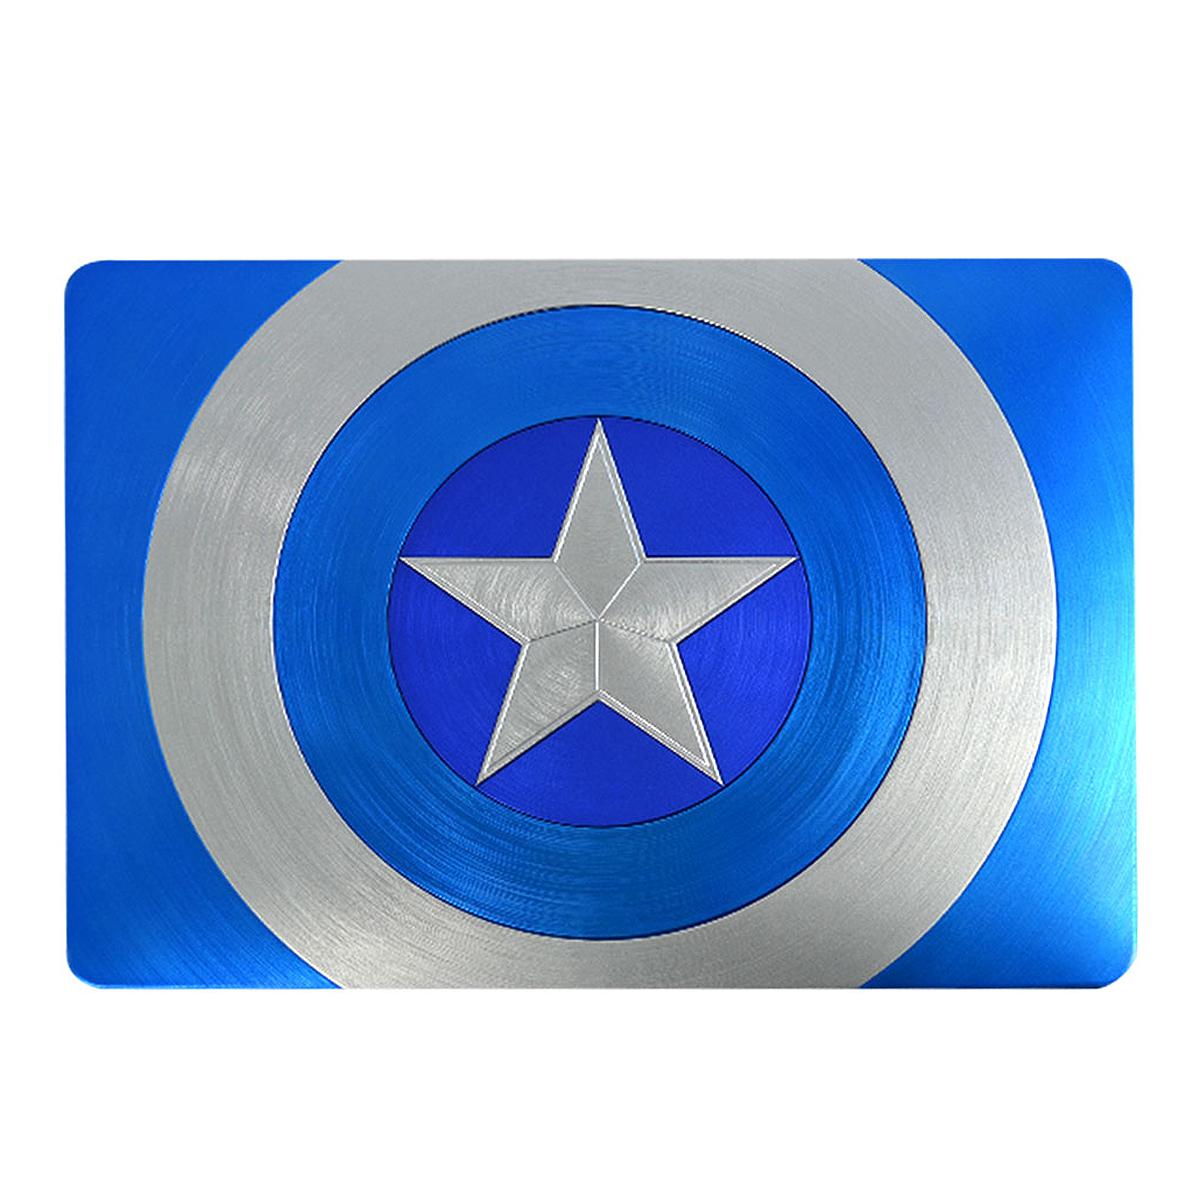 아이스토리 캡틴아메리카 맥북 프로 케이스 IST-CAPMB13, BLUE(BL), 13in